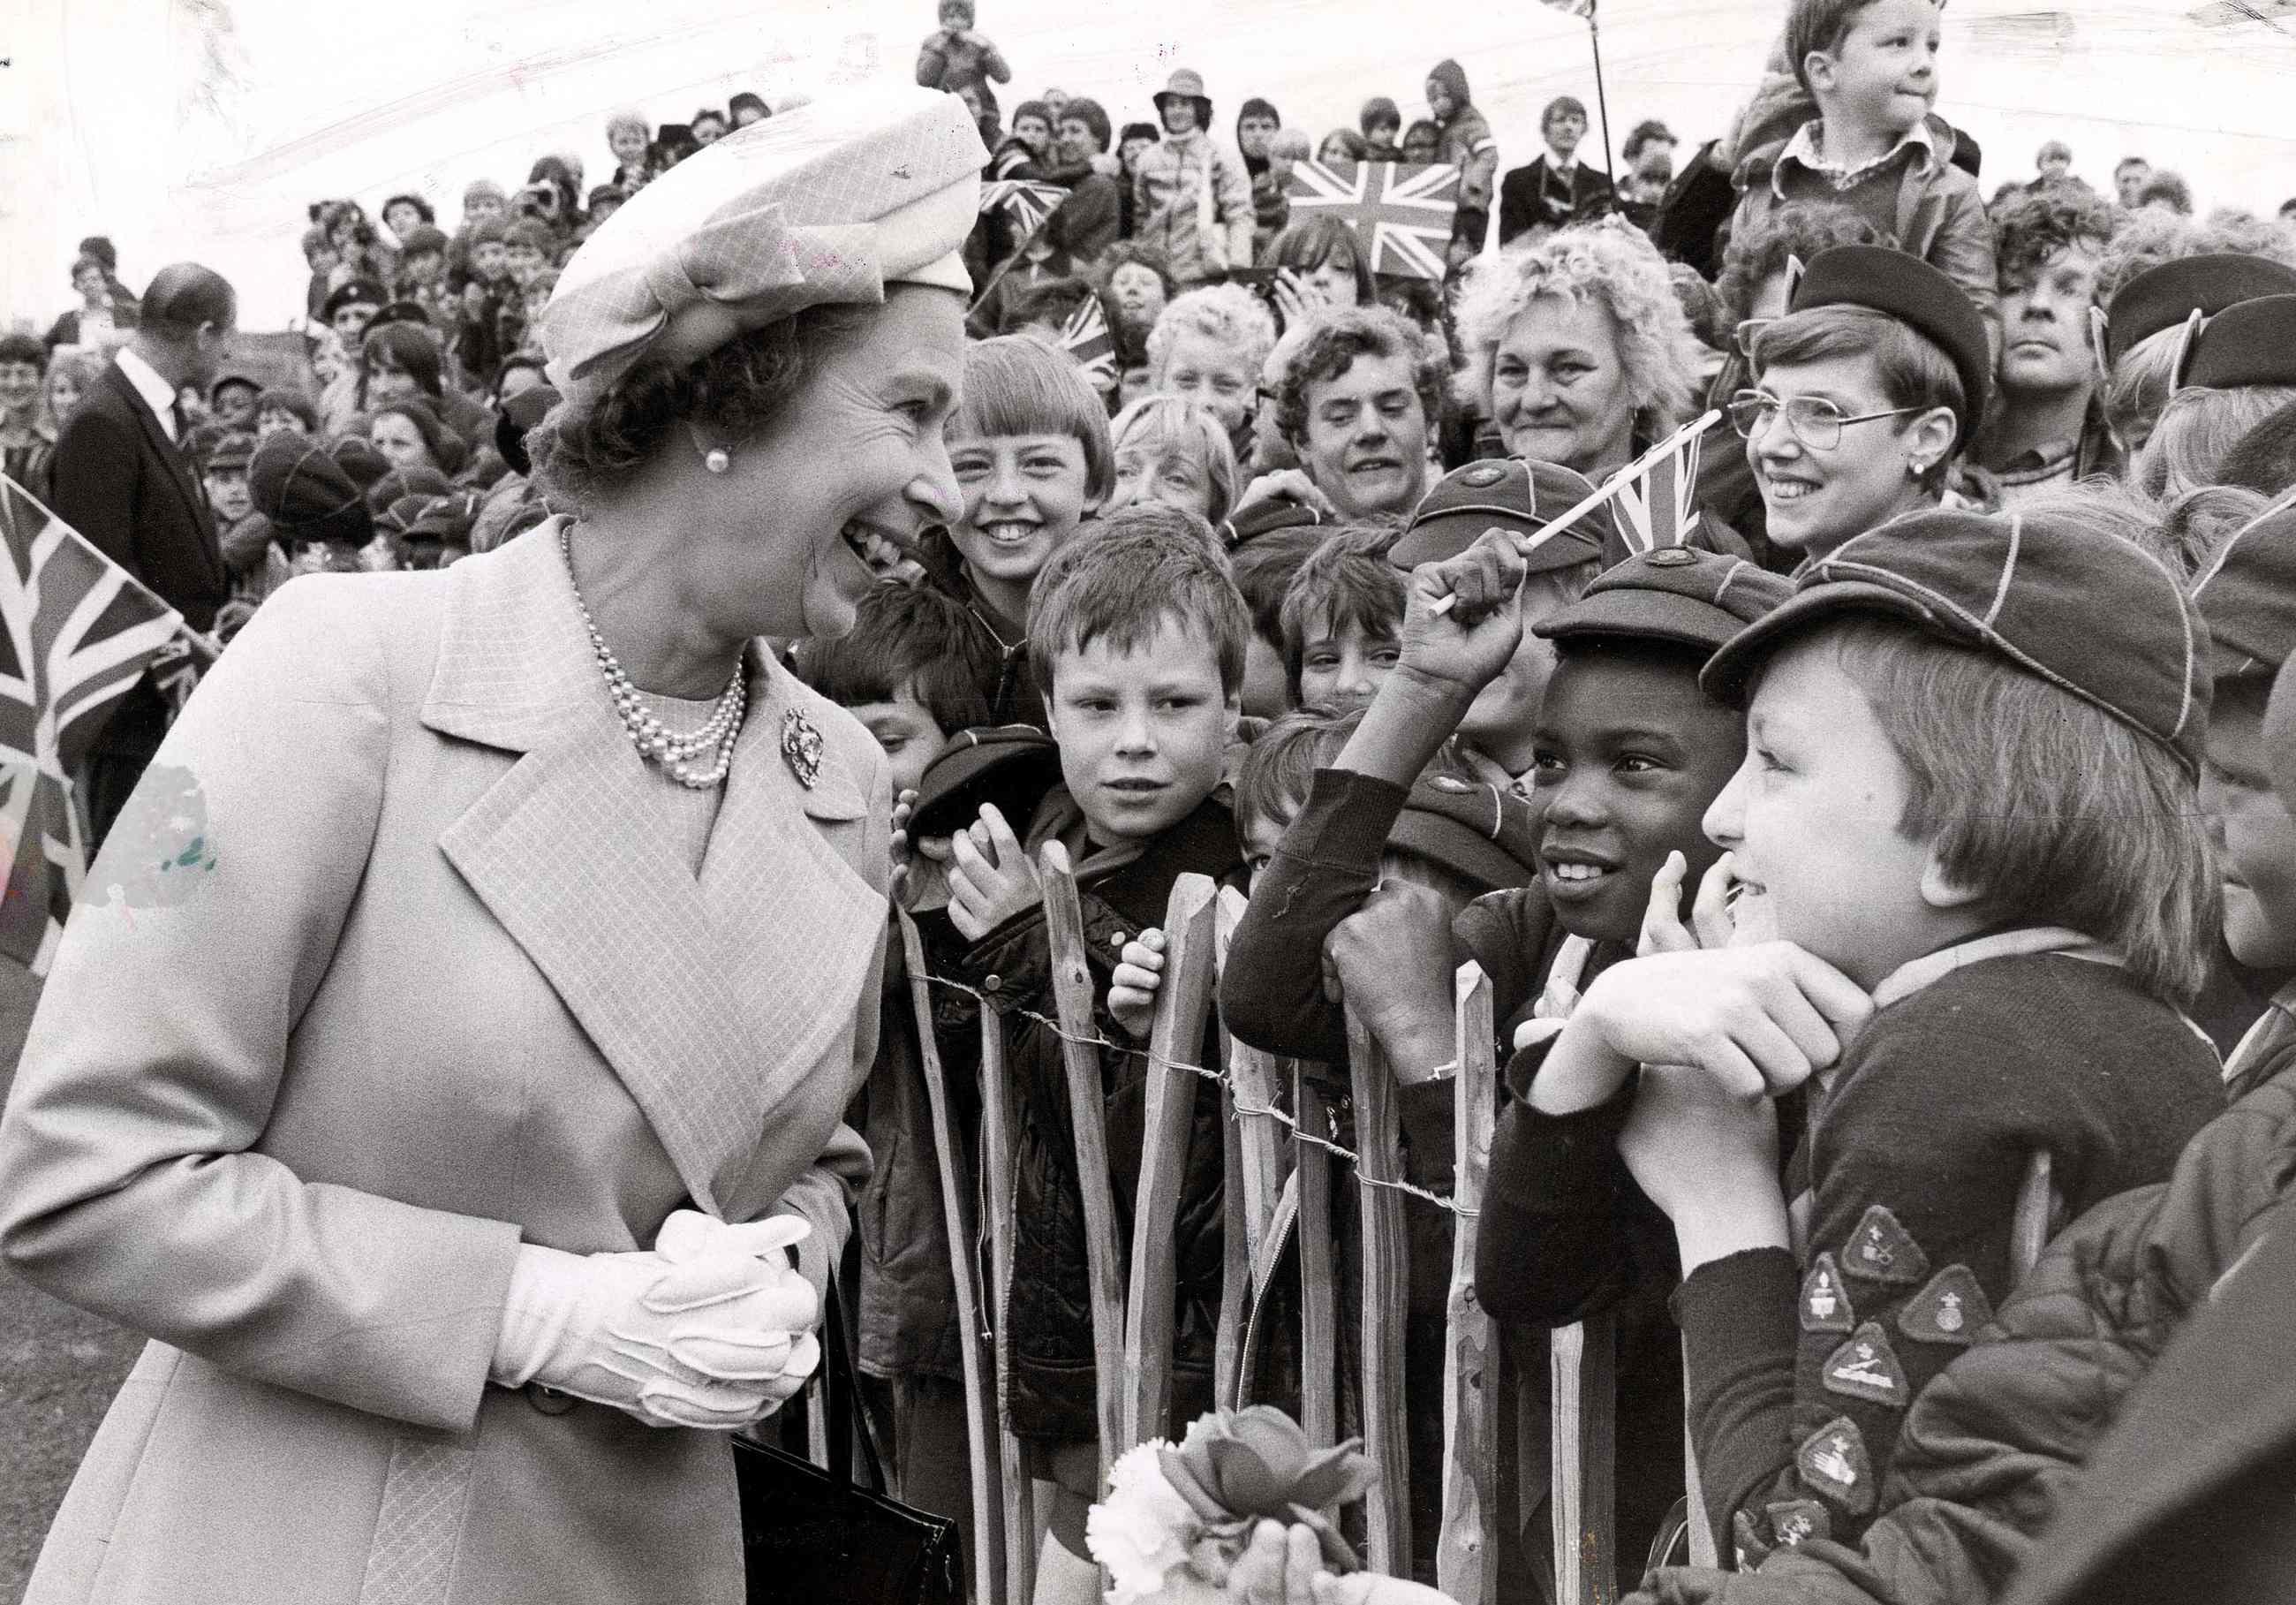 Queen Elizabeth The Silver Jubilee Celebrations Hd Wallpaper